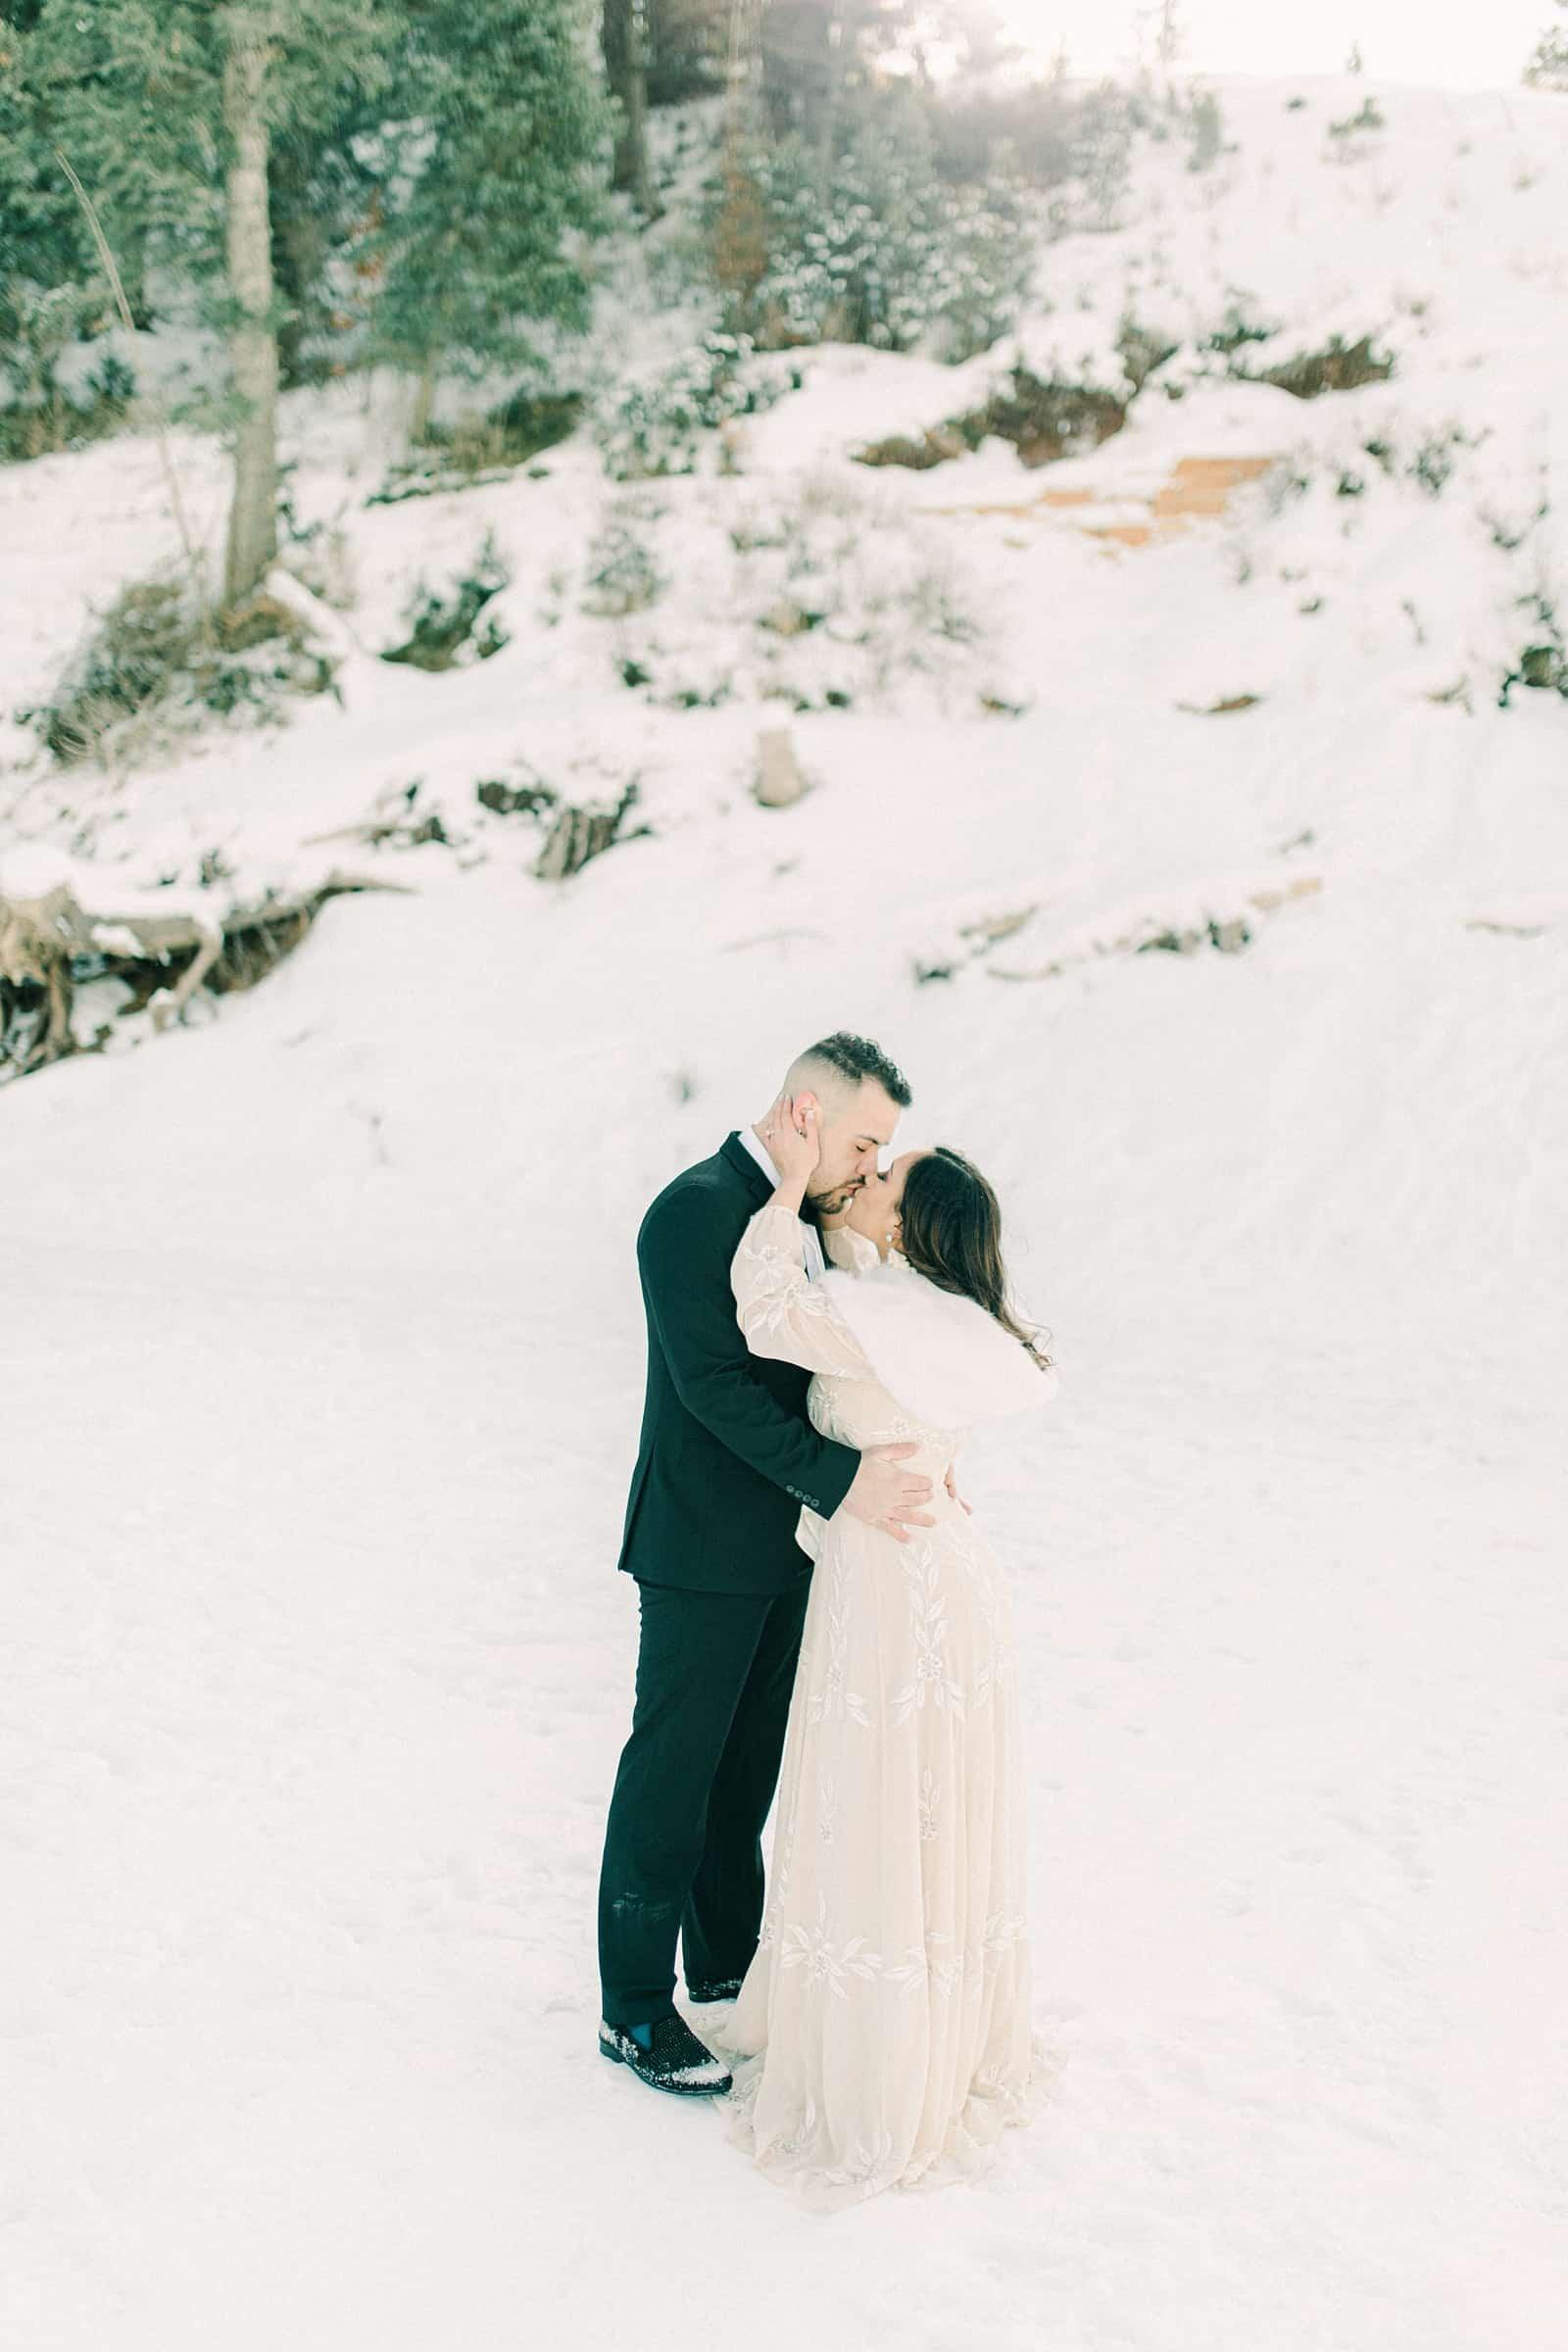 Bride and groom snowy winter mountains of Utah